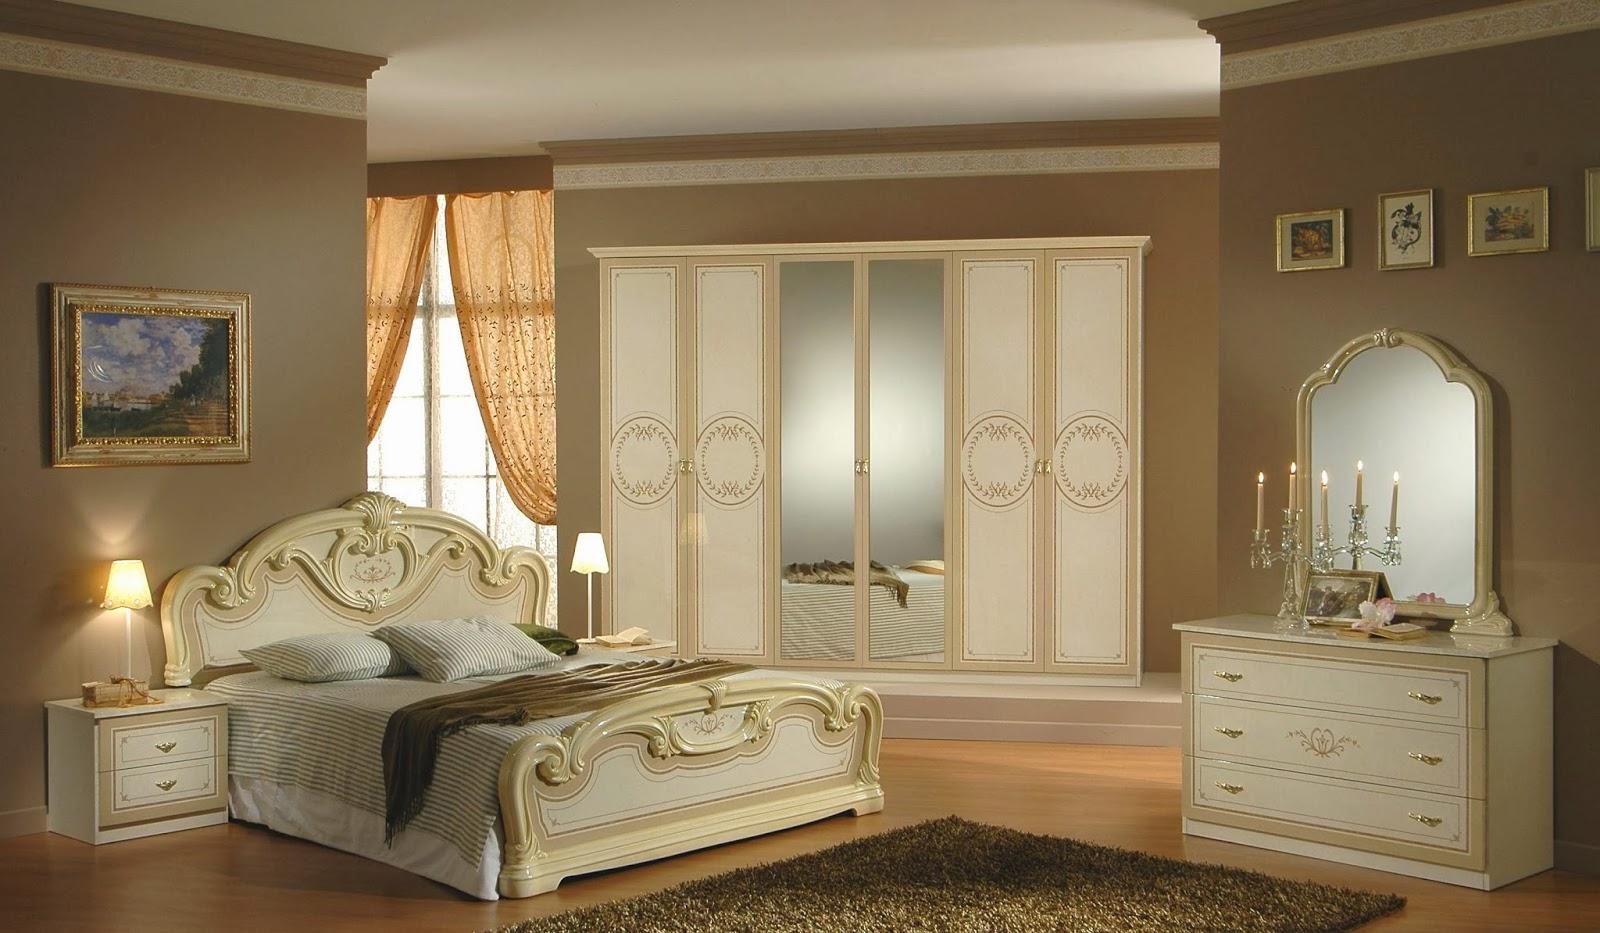 Il mio angolo nel mondo camere da letto classiche le for Camere da letto belle